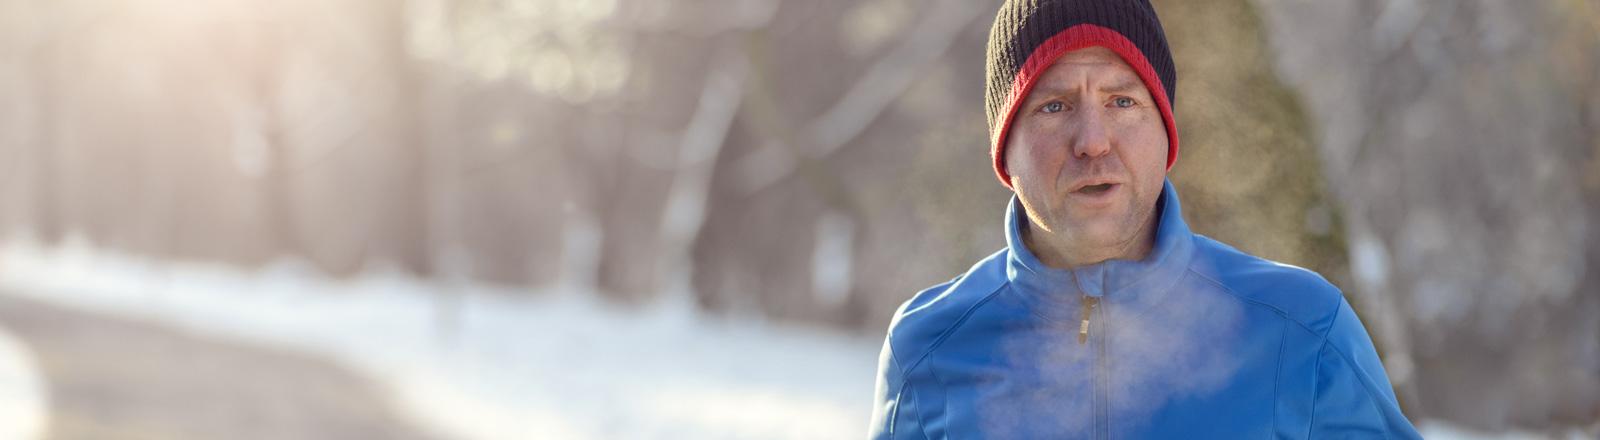 Mann joggt im Winter